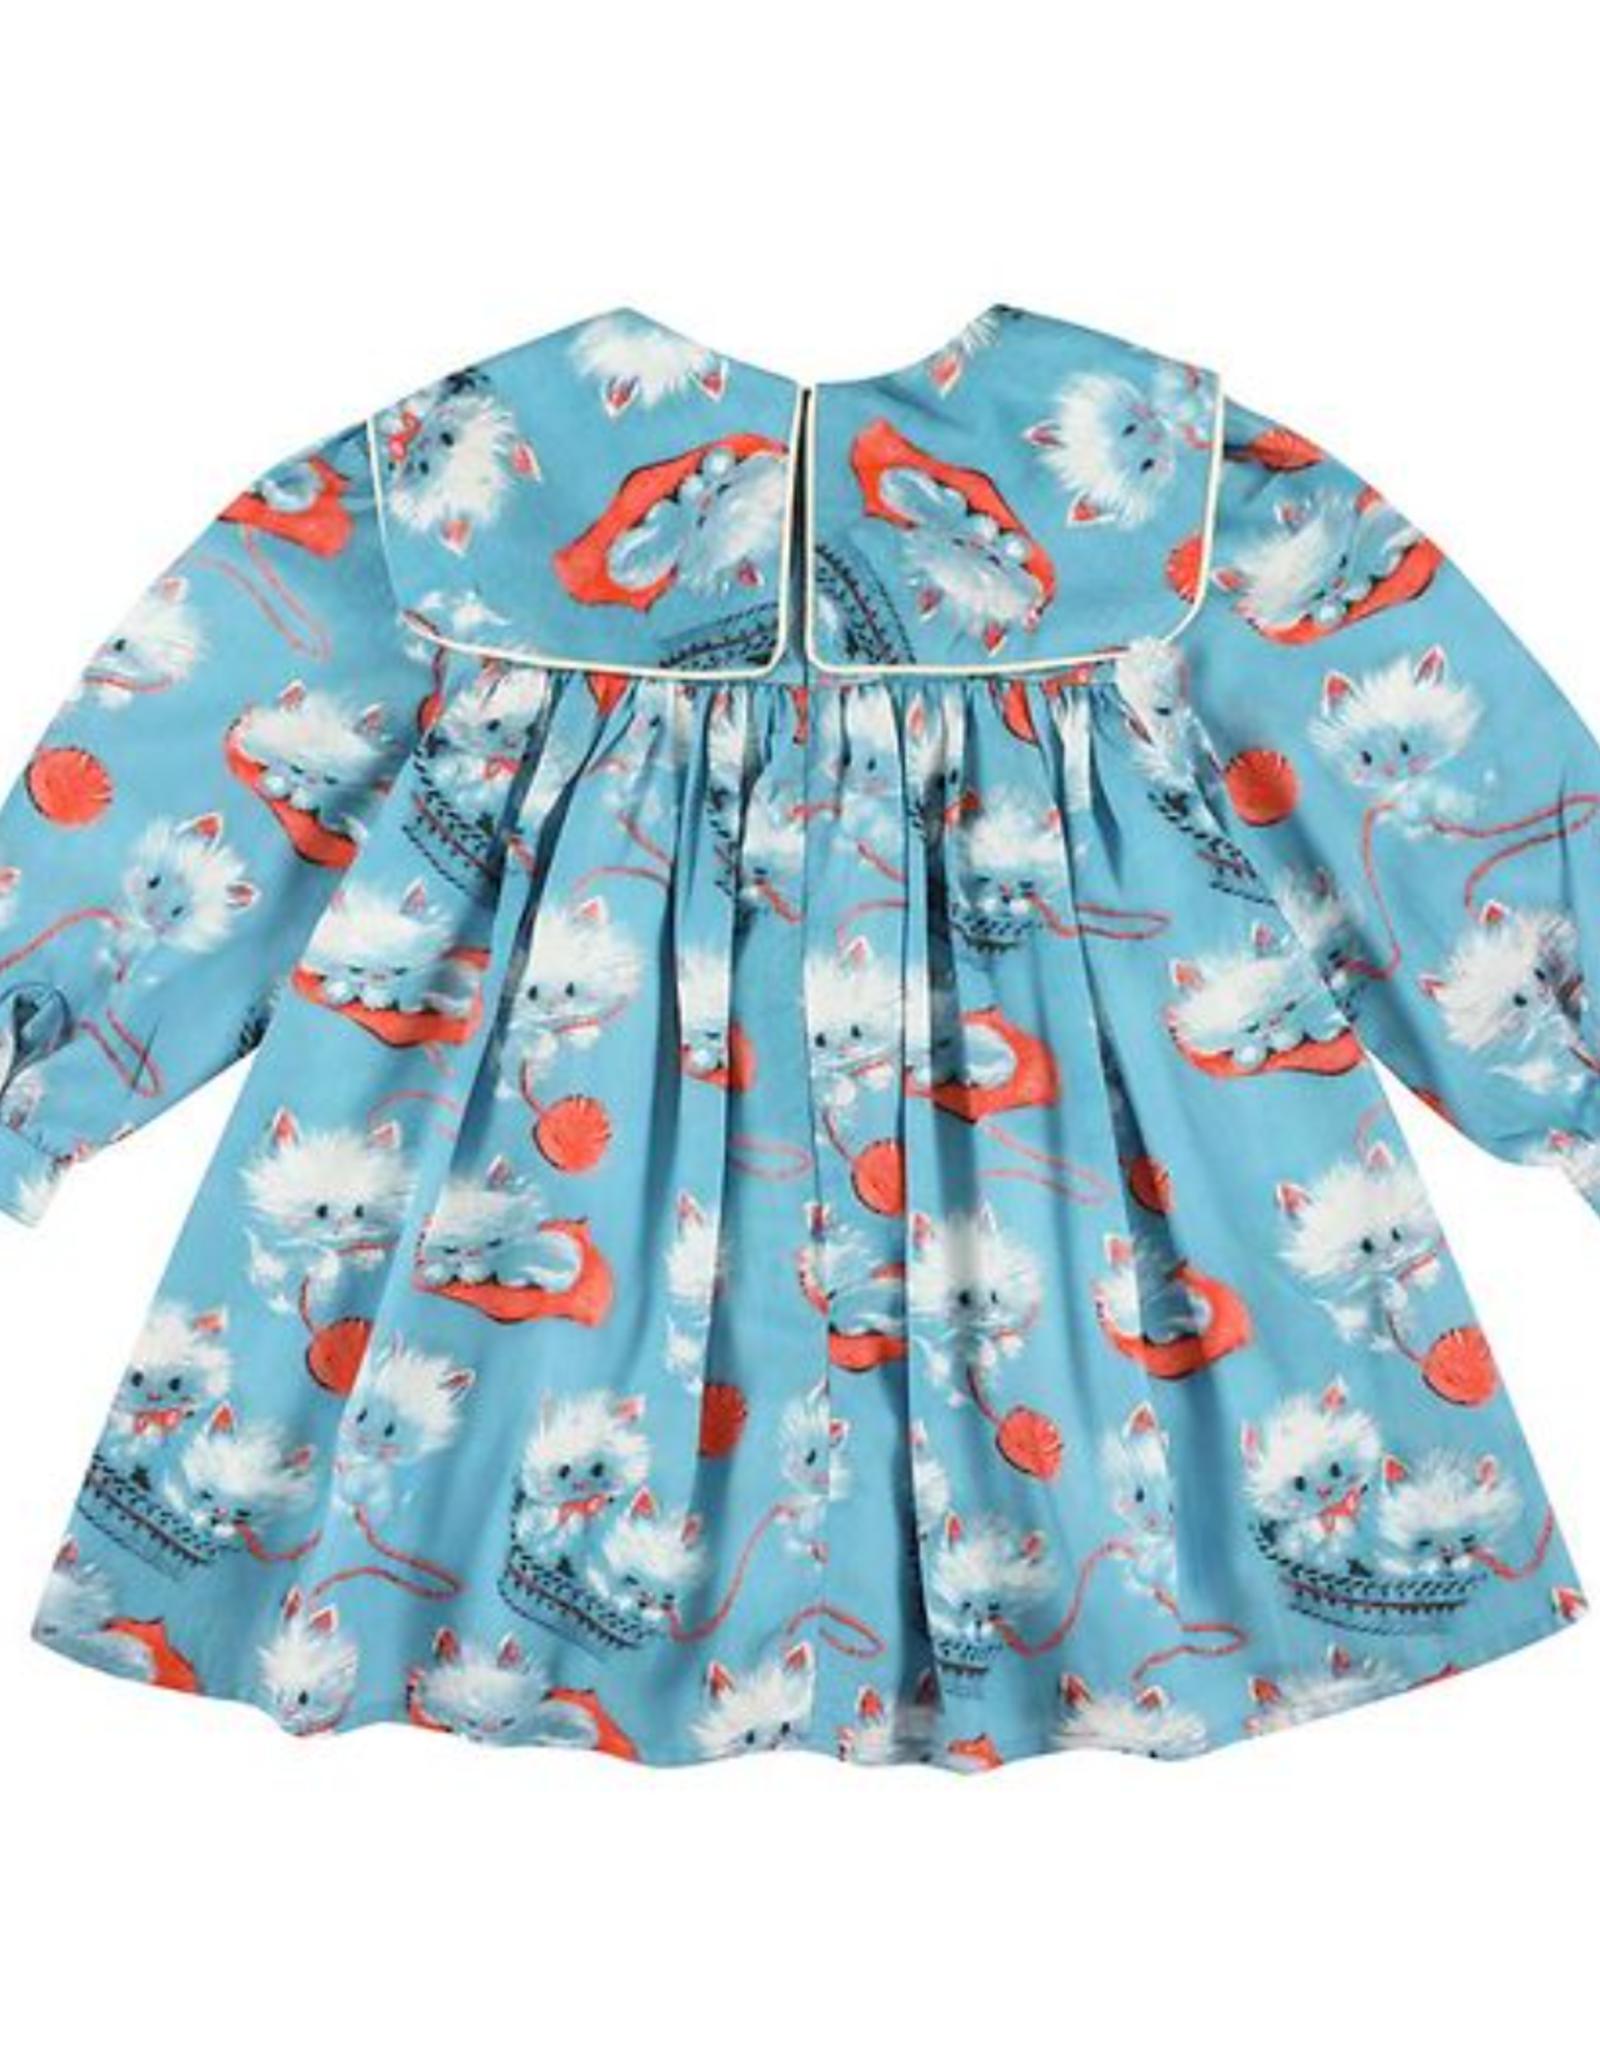 Oxo Kitty Horizon dress